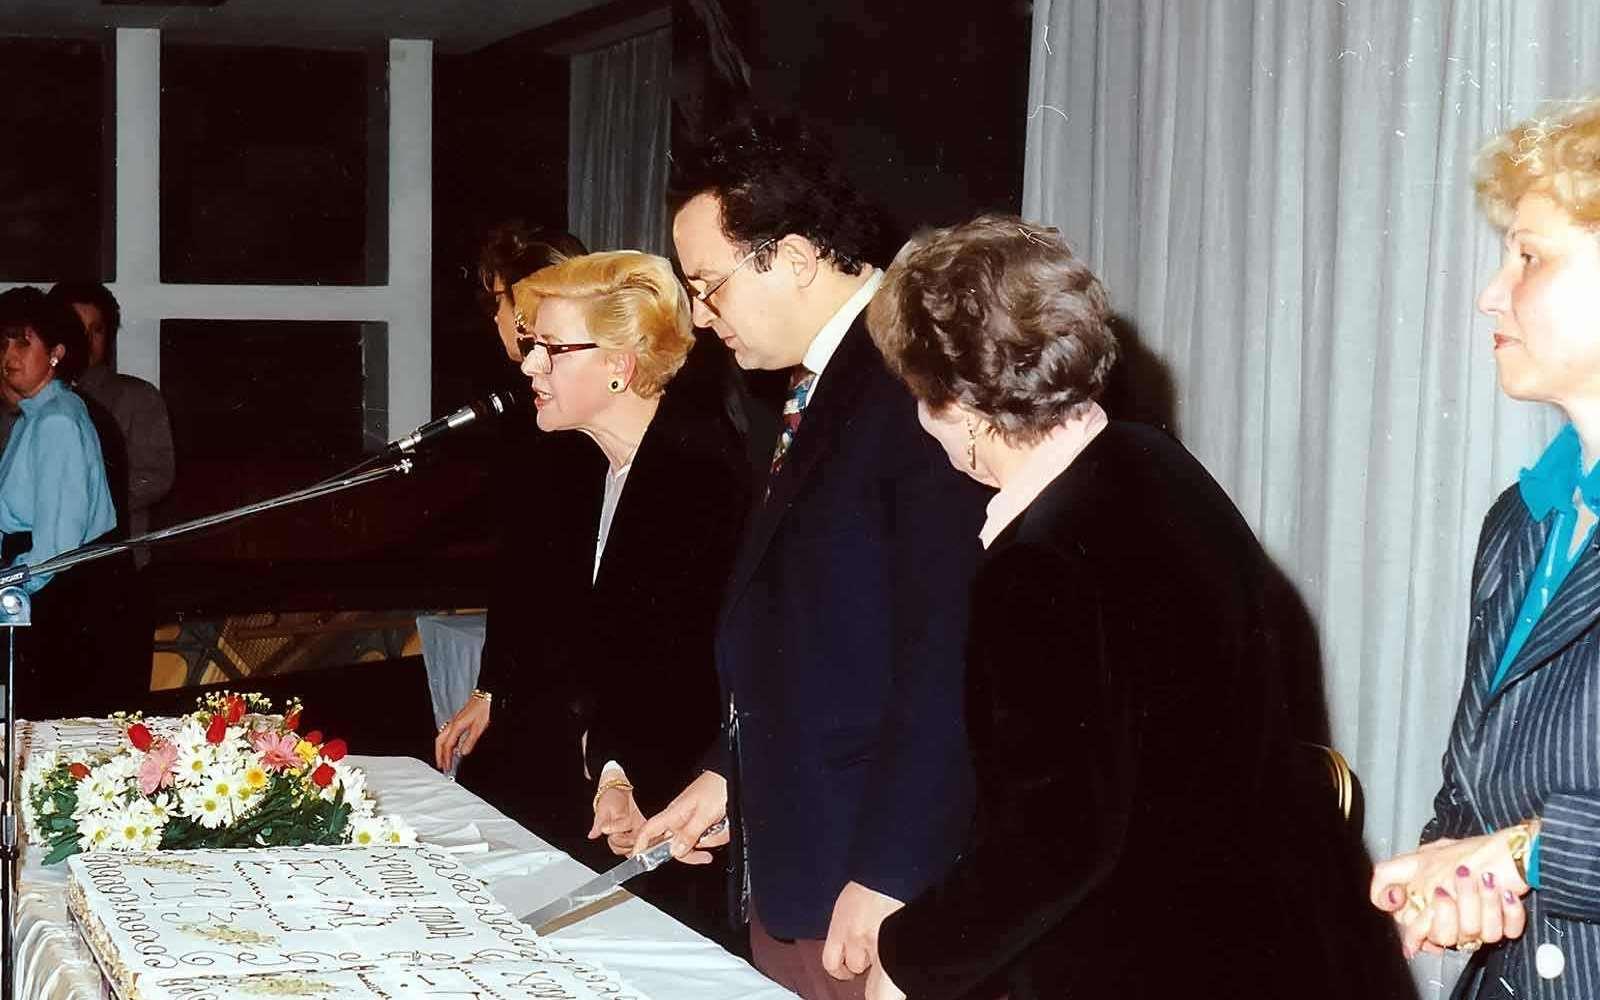 Κουλα-Ρογδακη-antidimarxos-karavolas-pita-maroula-apostolopoulou-1991-enosi-gynaikon-patras